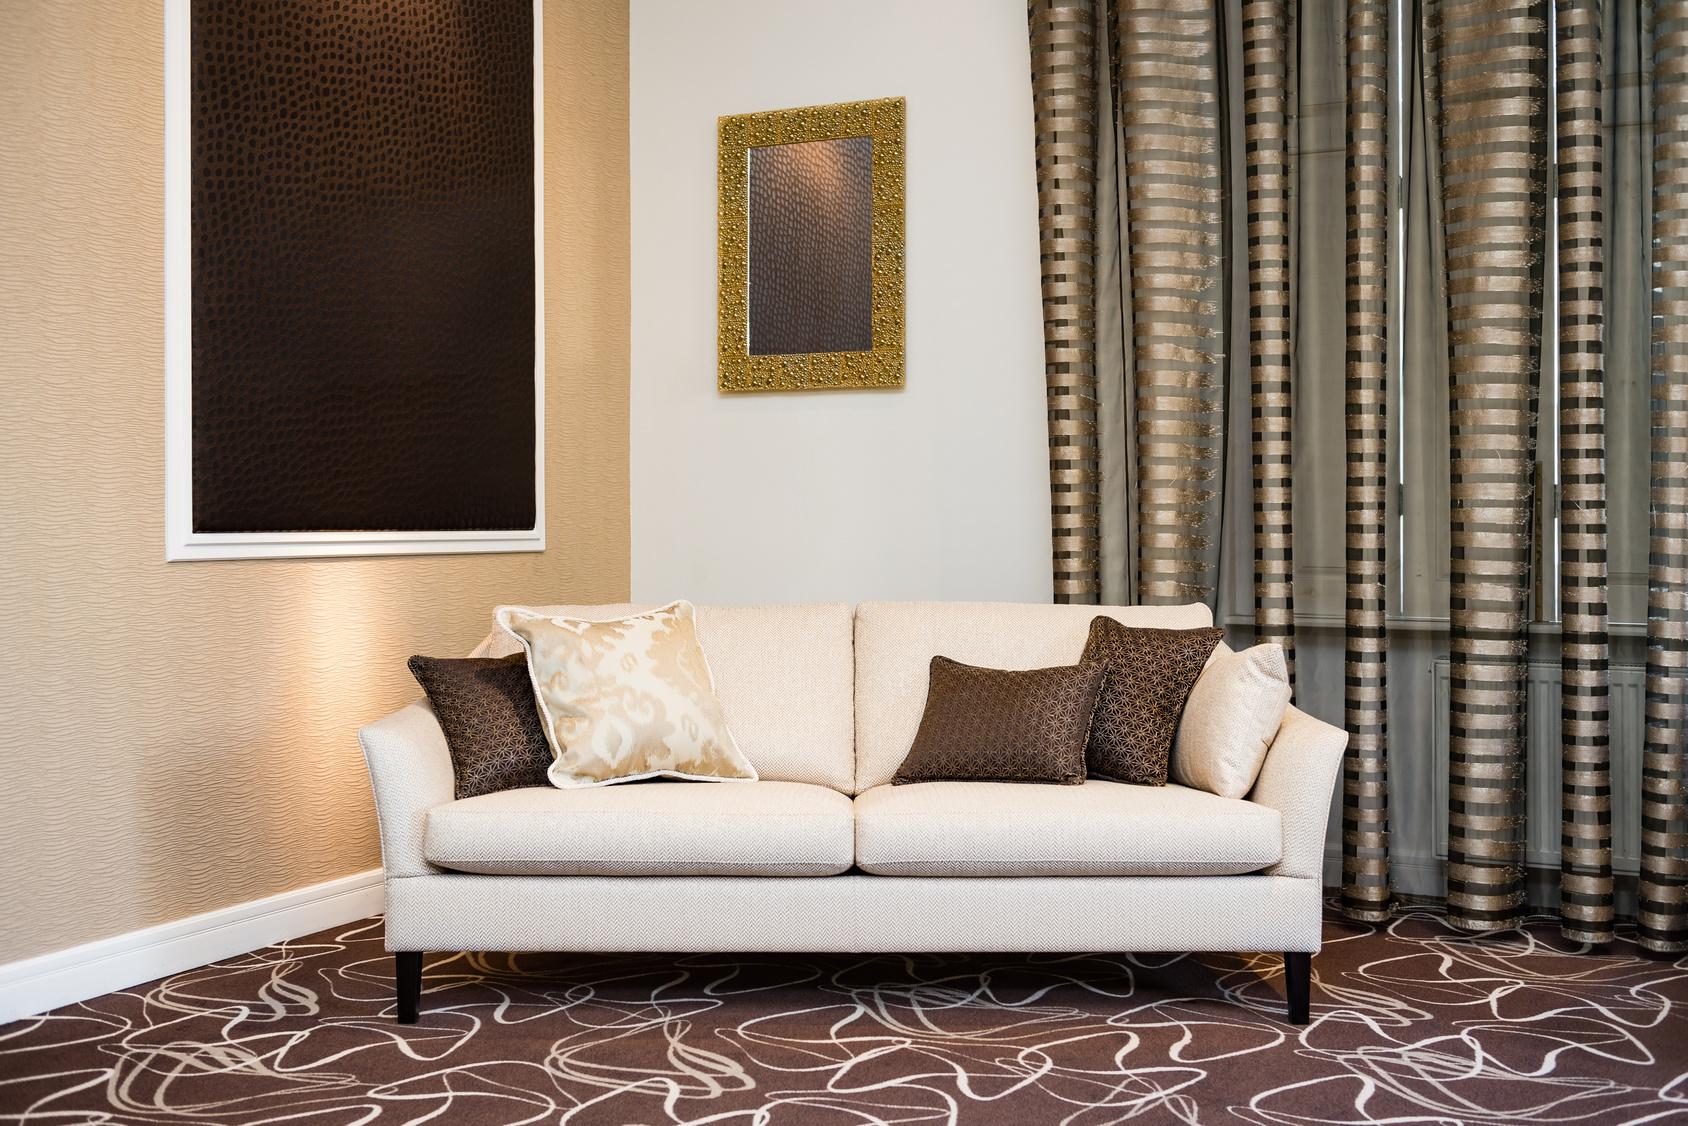 Full Size of Beige Sofa In Luxurious Living Room Wohnzimmer Vorhang Wohnzimmer